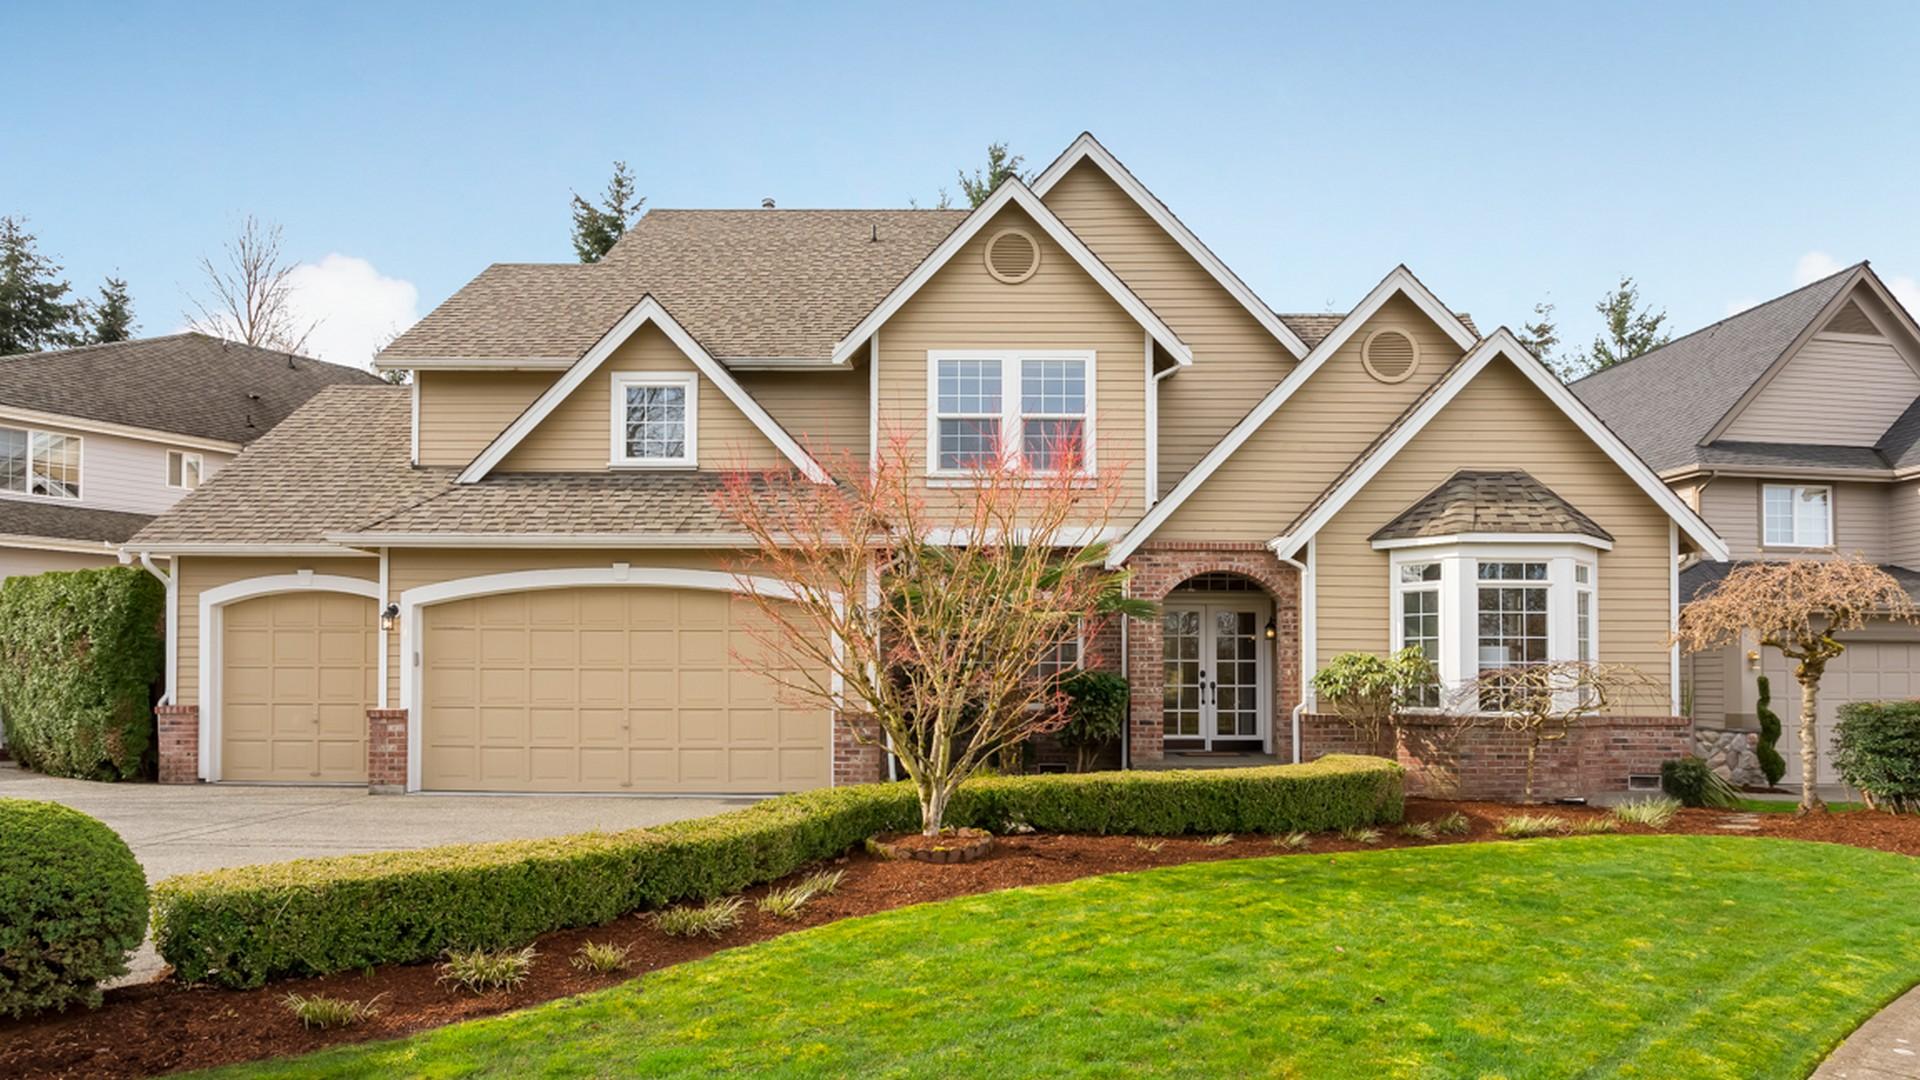 Single Family Home for Sale at Honey Creek Ridge Craftsman 2523 Lynnwood Ave NE Renton, Washington 98056 United States